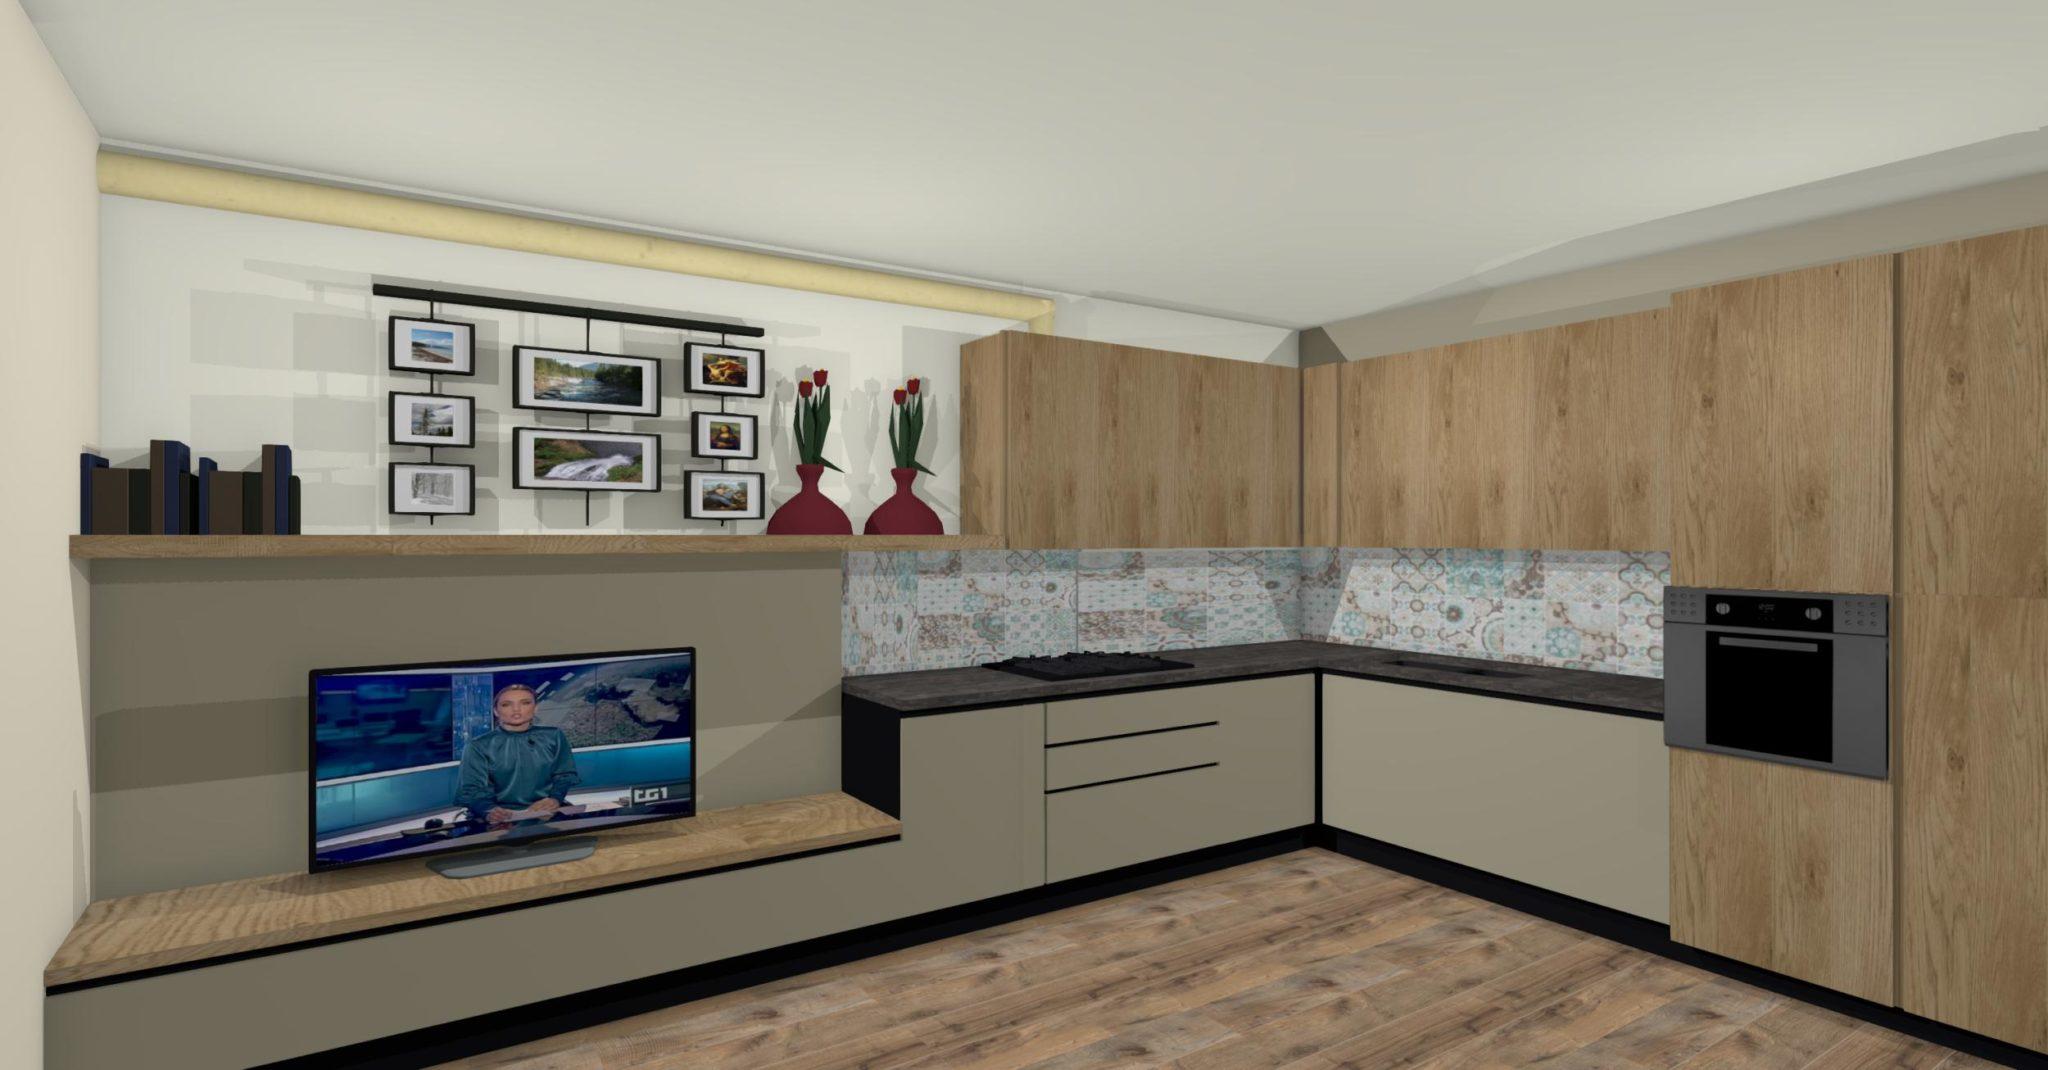 Cucina archivi lineatre arredamenti alberobello for Cappa cucina senza tubo